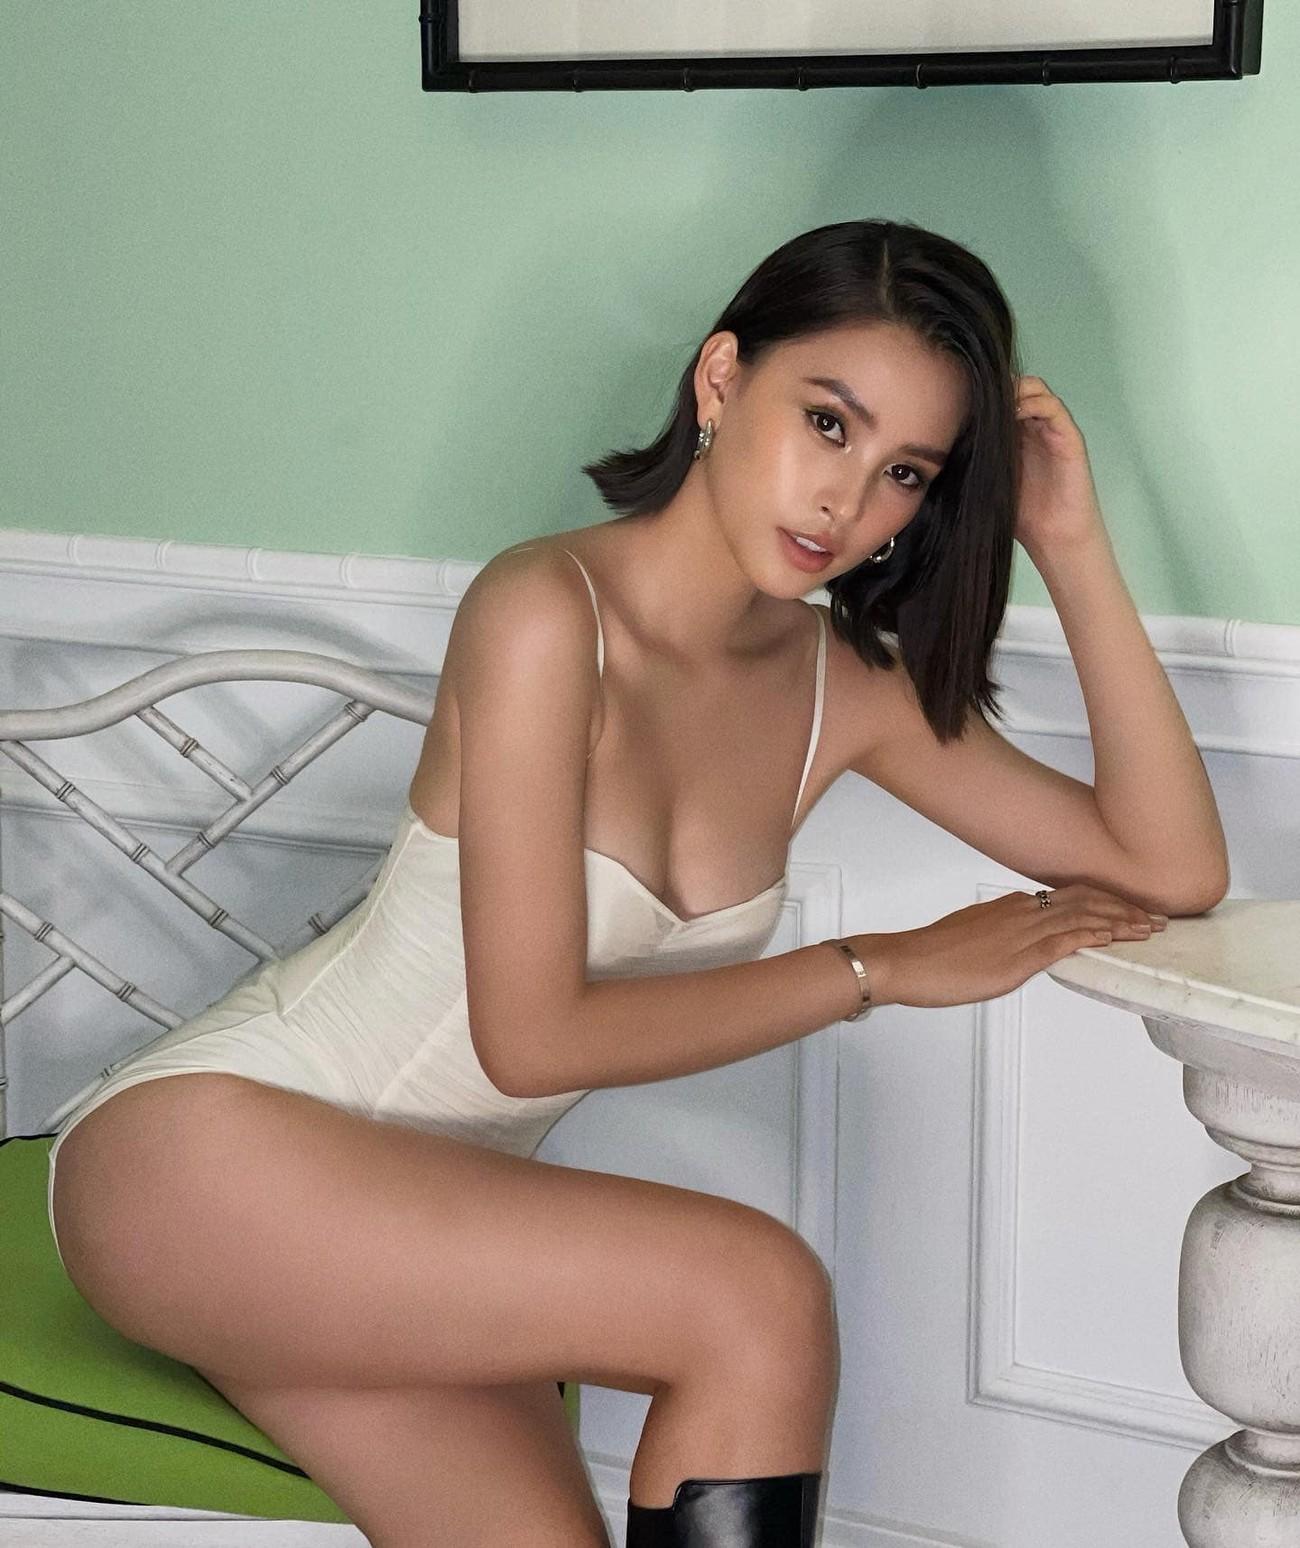 Nhan sắc 'thăng hạng' đầy nóng bỏng của Hoa hậu Tiểu Vy sau khi hết nhiệm kỳ ảnh 12